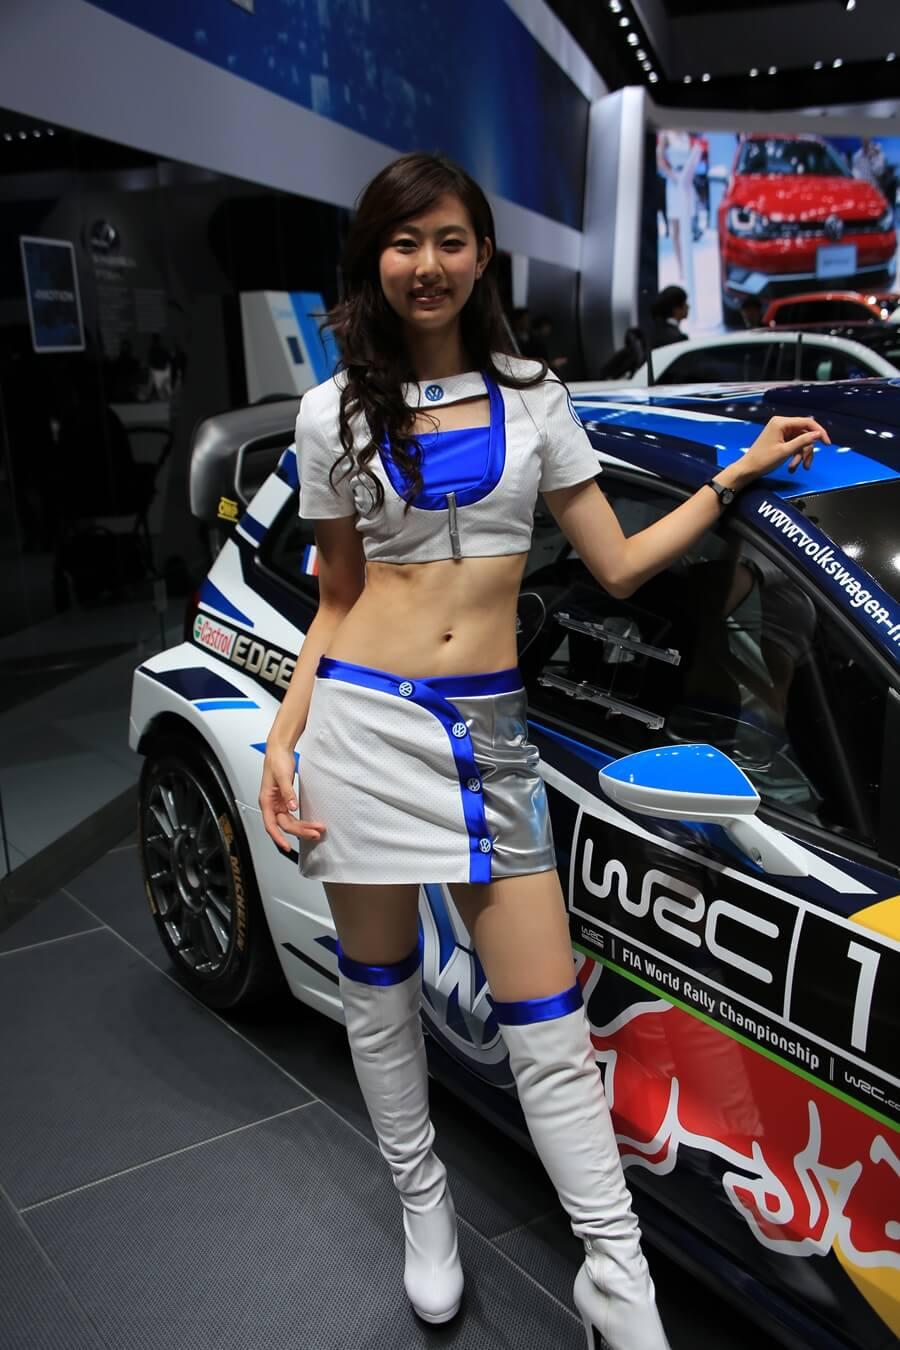 東京モーターショー2015 フォルクスワーゲン コンパニオン Tokyo_motor_show_2015_volkswagen (2)